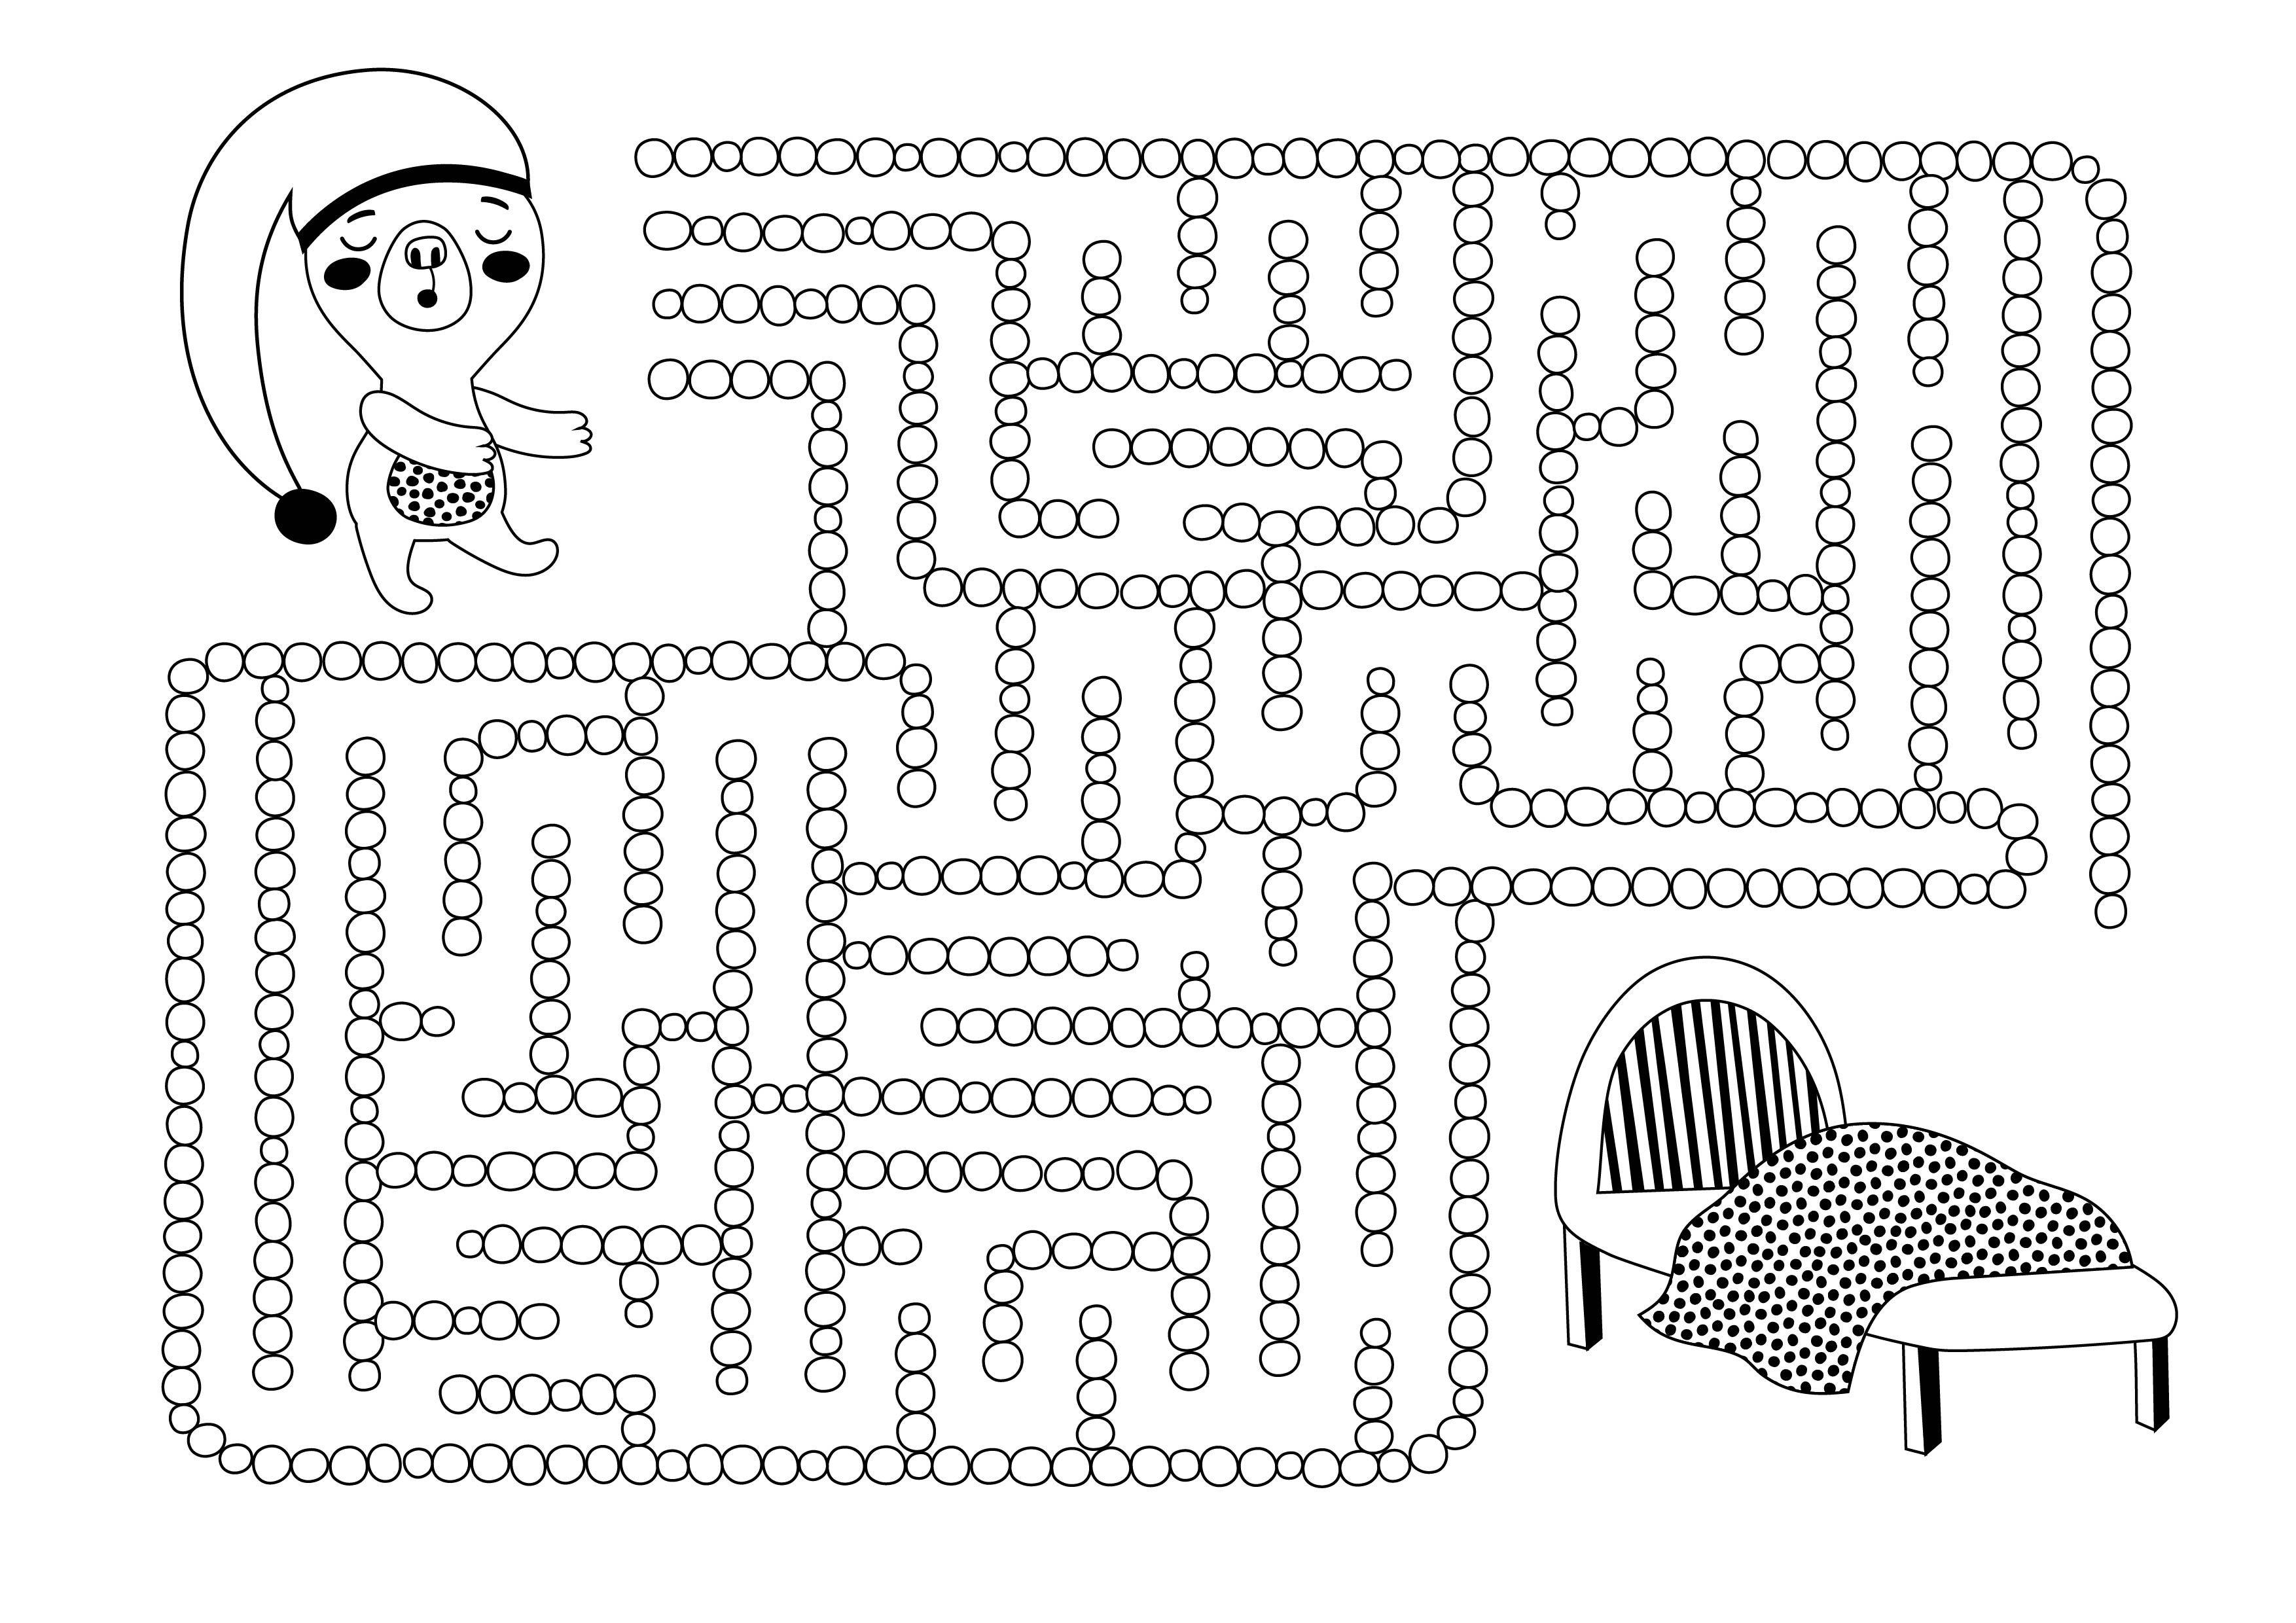 Labyrintti | free printable pattern | lasten | lapset | joulu | idea | askartelu | kädentaidot | käsityöt | tulostettava | paperi | labyrintti | väritys | värittäminen | värittää | koti | leikki | DIY | ideas | kids | children | crafts | paper | labyrinth | christmas | home | coloring | Pikku Kakkonen